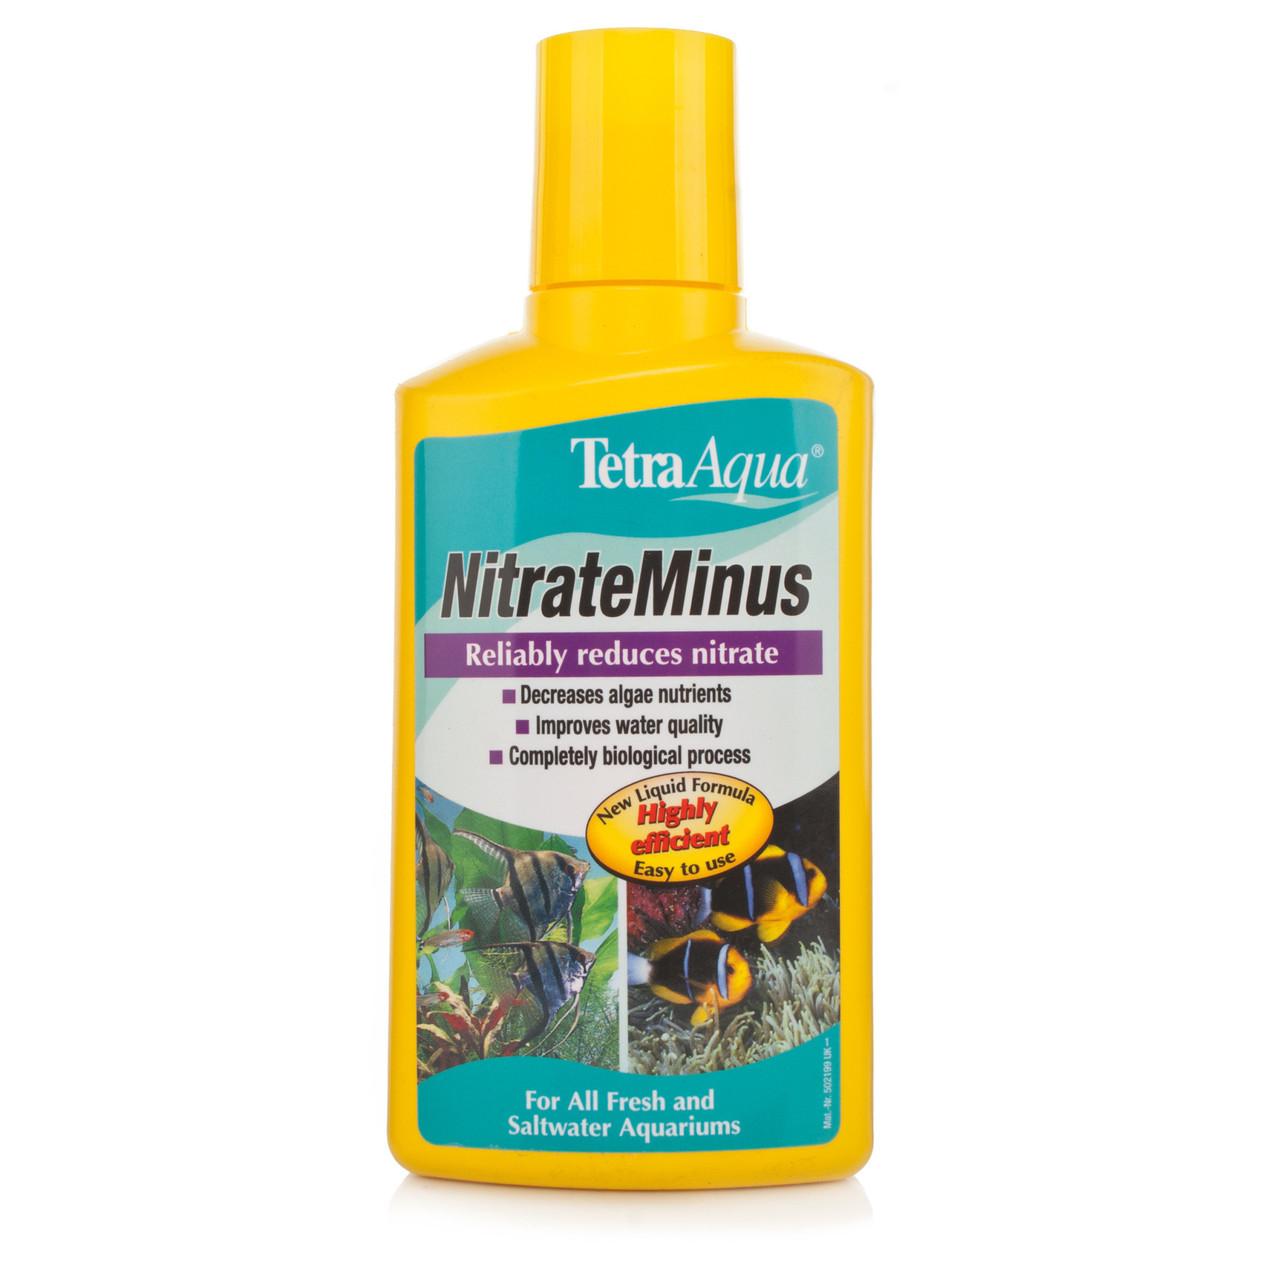 Tetra Aqua Nitrat Min 250ml (жидкий) - средство для снижения содержания нитратов - Интернет-магазин «Моё дело» в Харькове